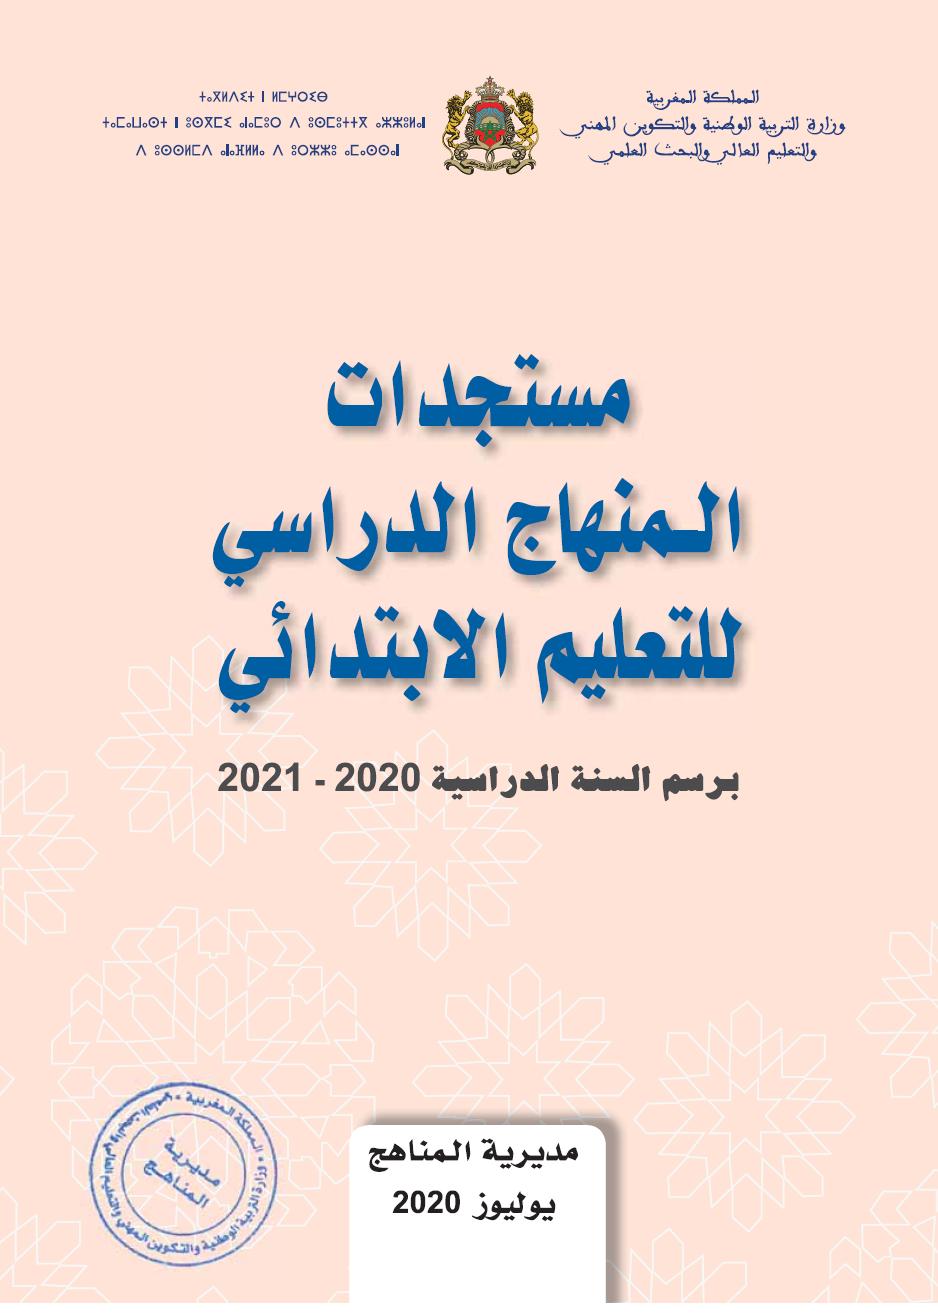 مستجدات منهاج الابتدائي 2021 مستجدات المنهاج الدراسي للتعليم الابتدائي 2021